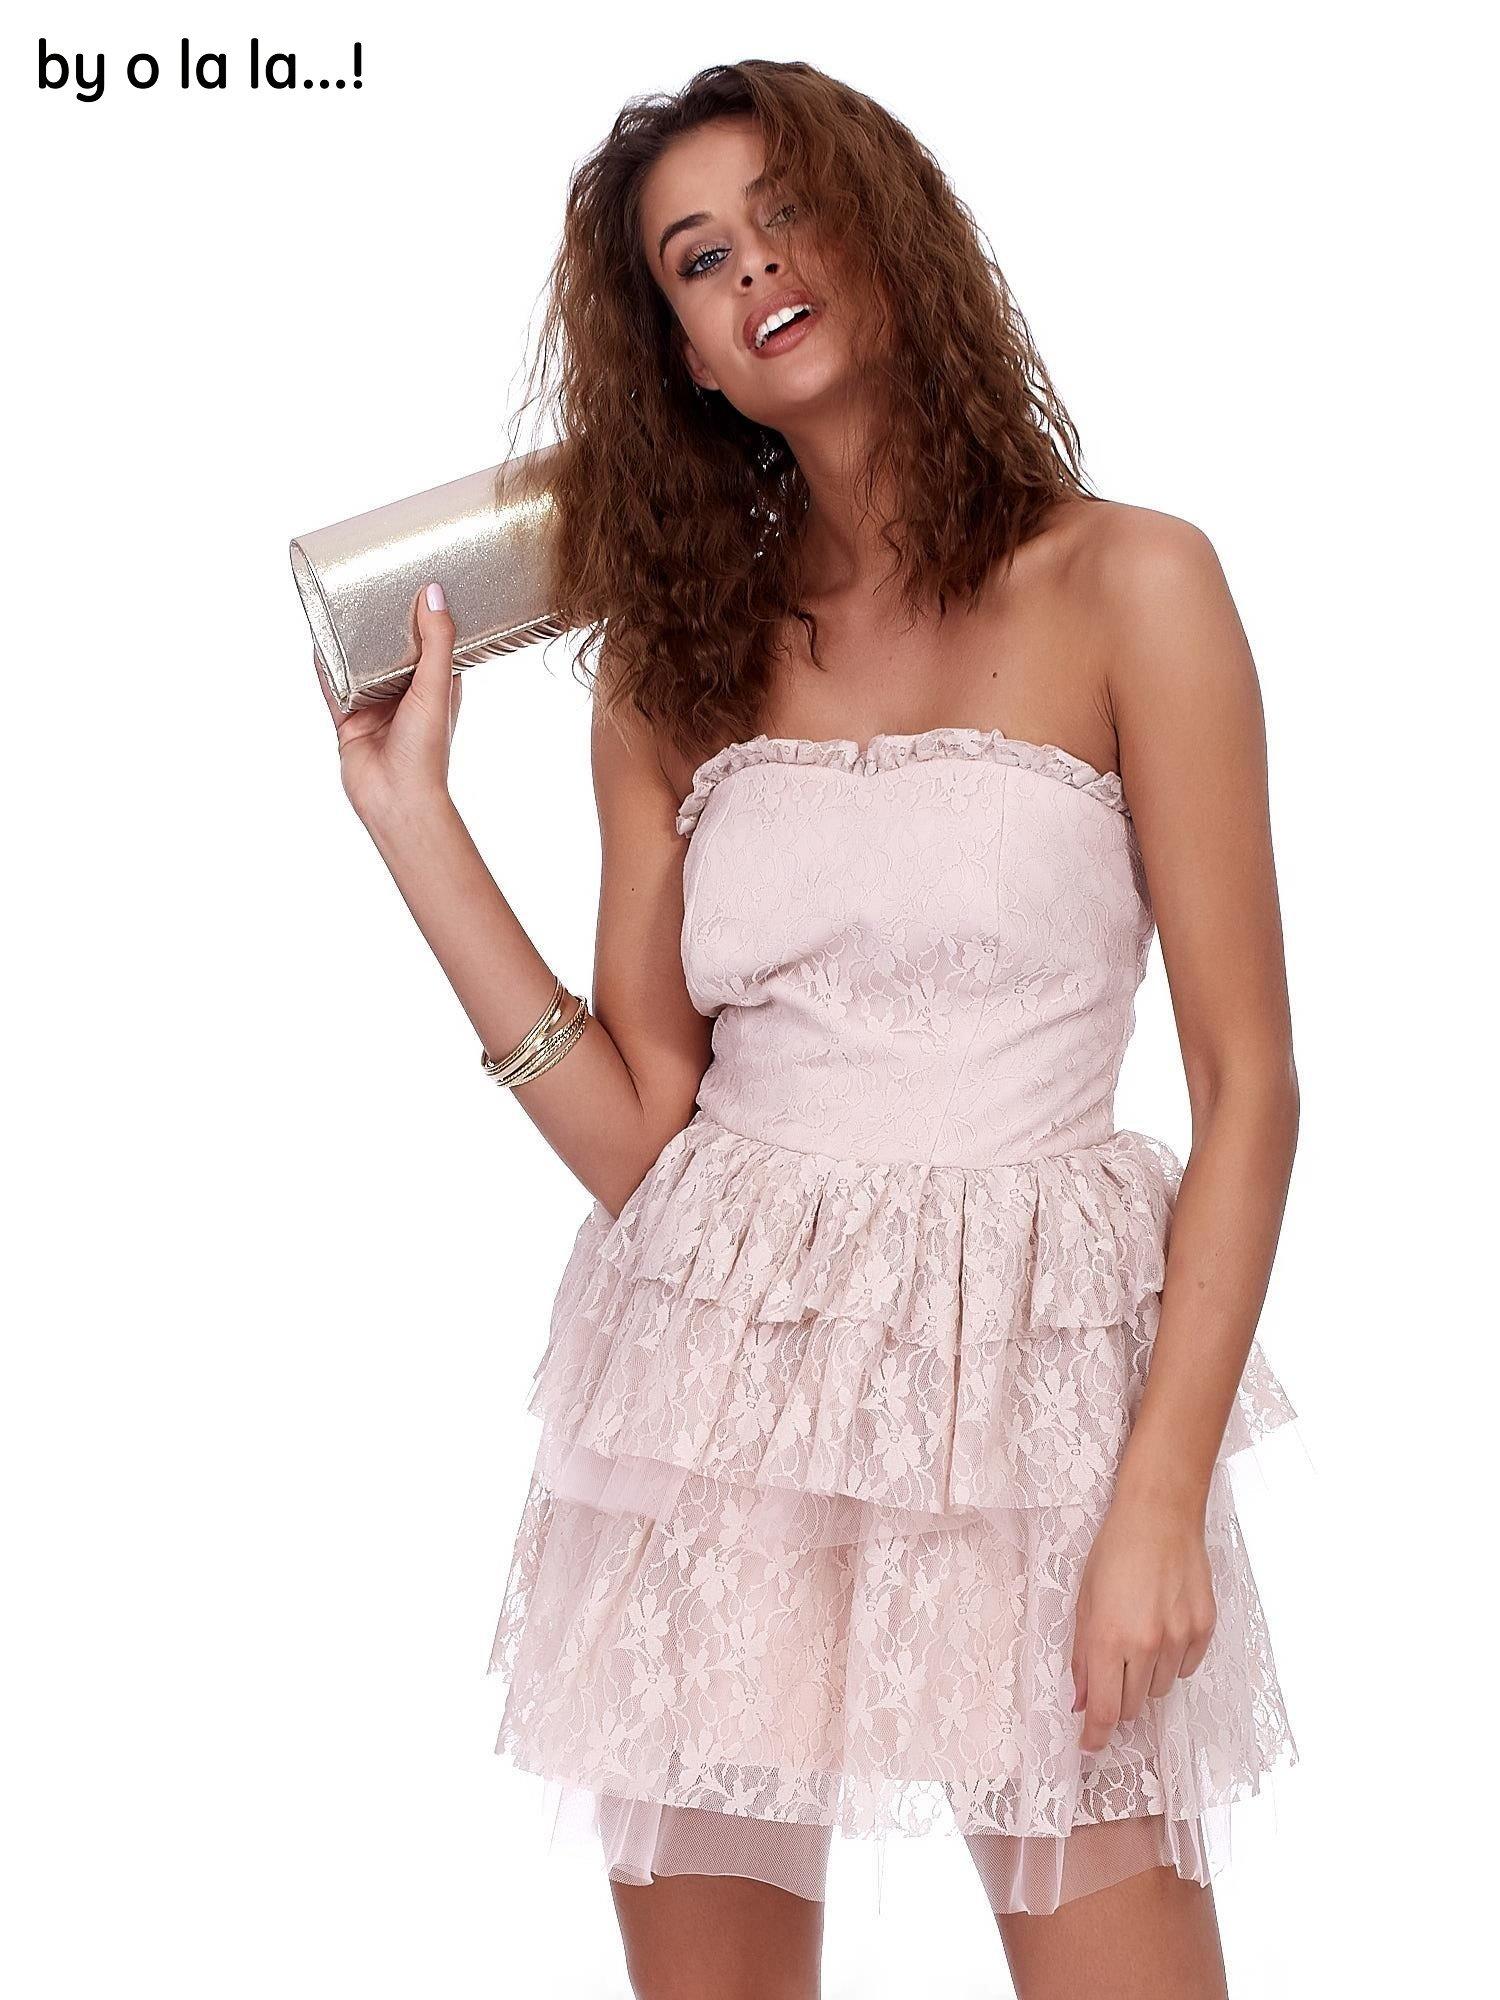 857394a694 Różowa koronkowa sukienka z warstwowymi falbanami BY O LA LA ...